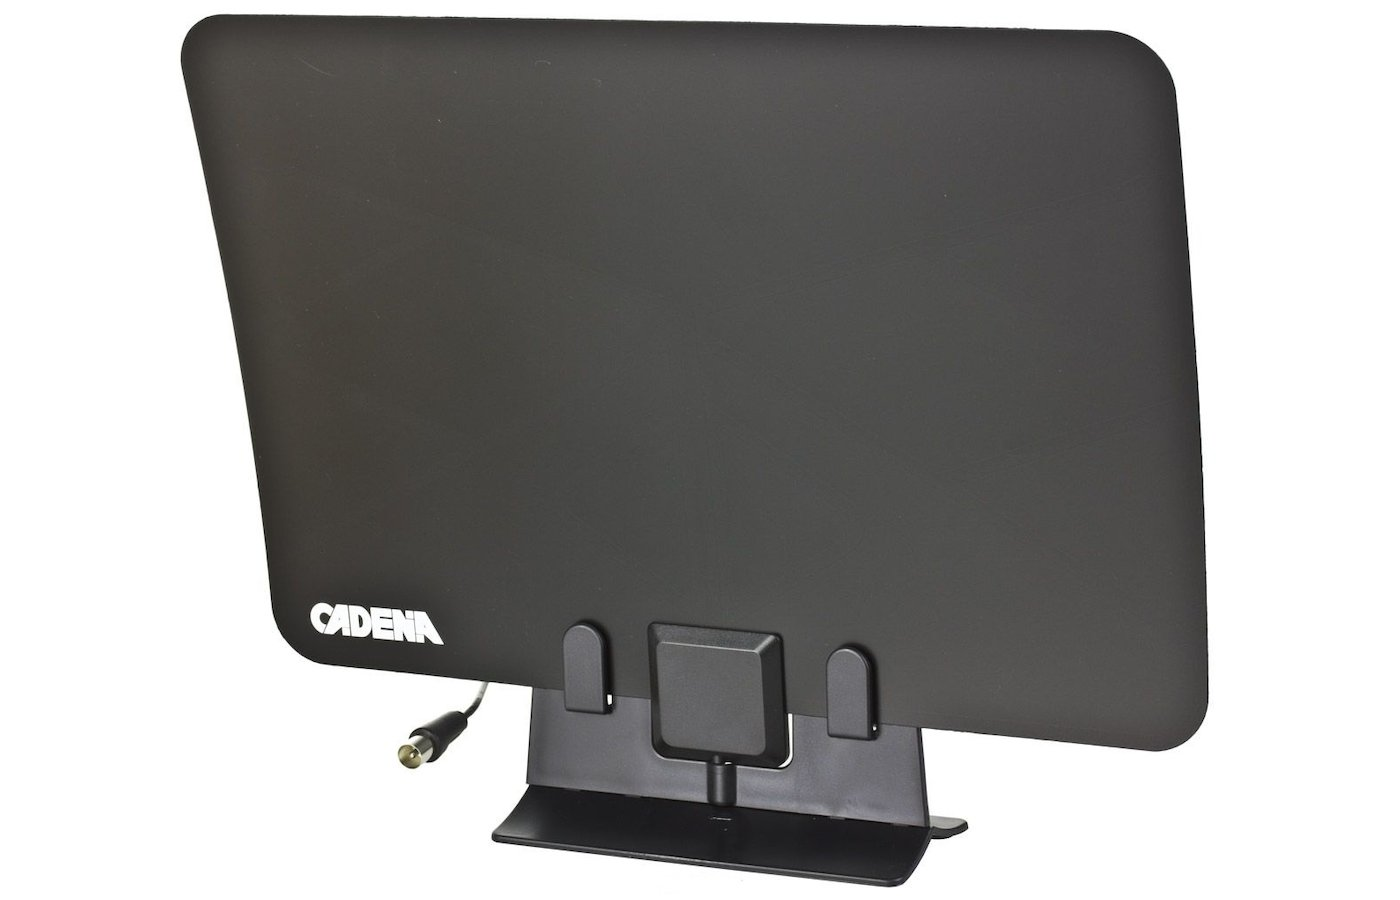 Комнатная антенна Cadena DVB-T9023BS